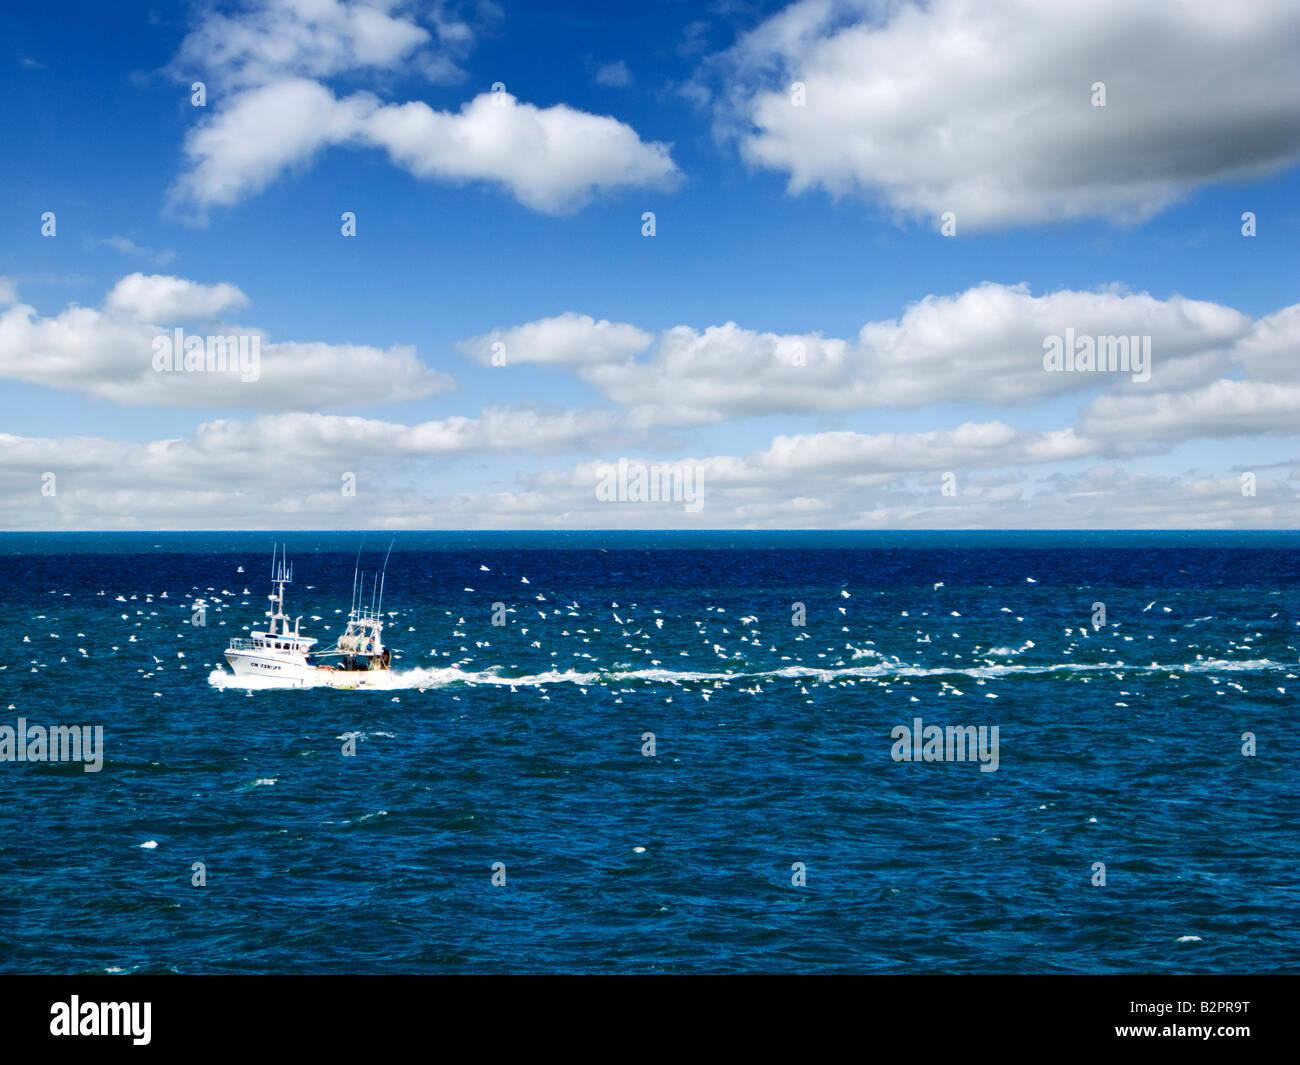 Pequeño barco pesquero arrastrero de regresar a puerto con cientos de gaviotas detrás en su despertar, Europa Foto de stock